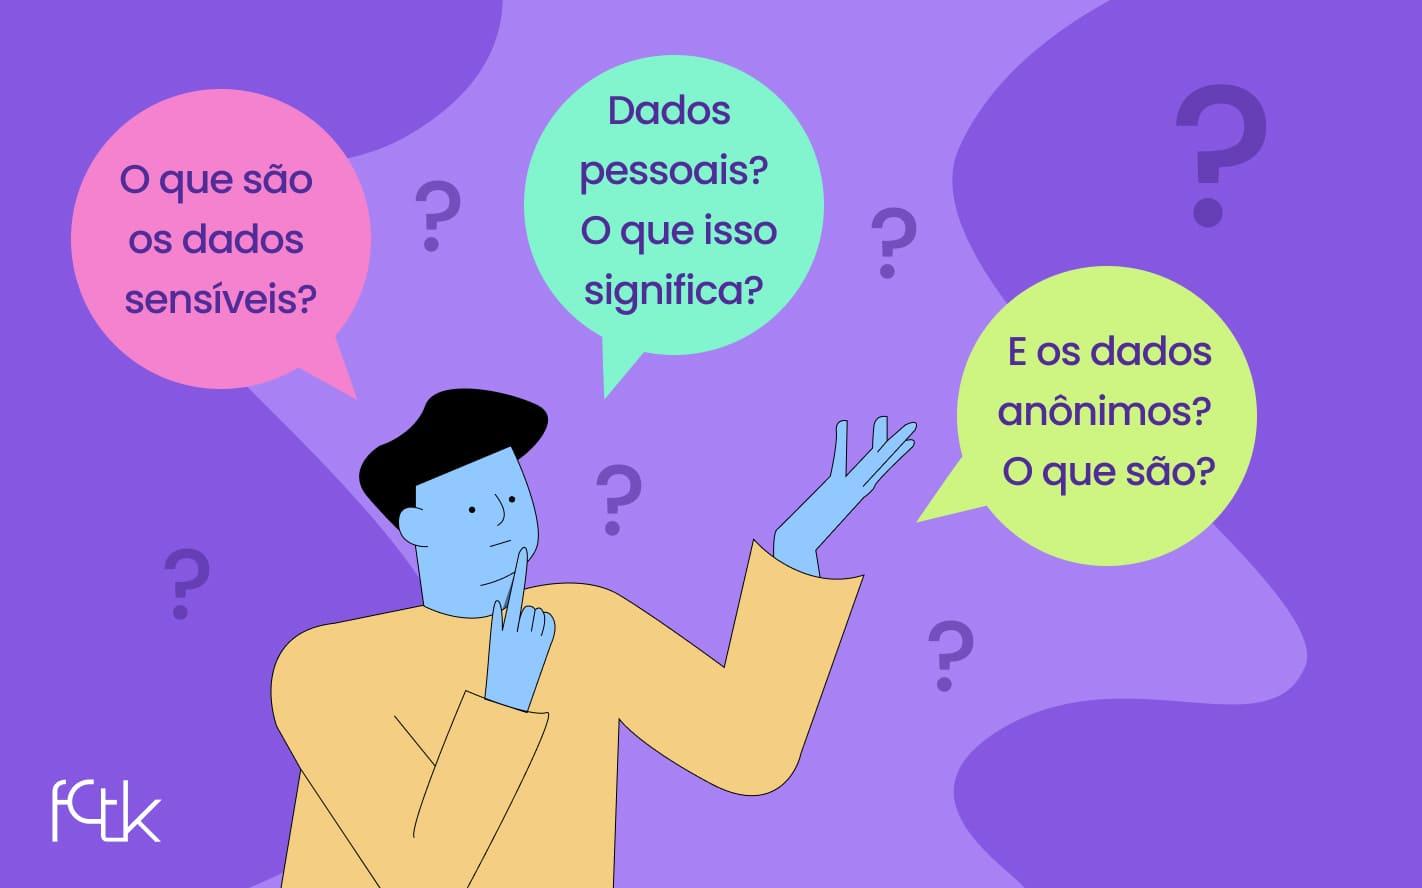 [Dados Sensíveis – Compreenda o Conceito e a Diferença em Relação aos Dados Pessoais e Anônimos]